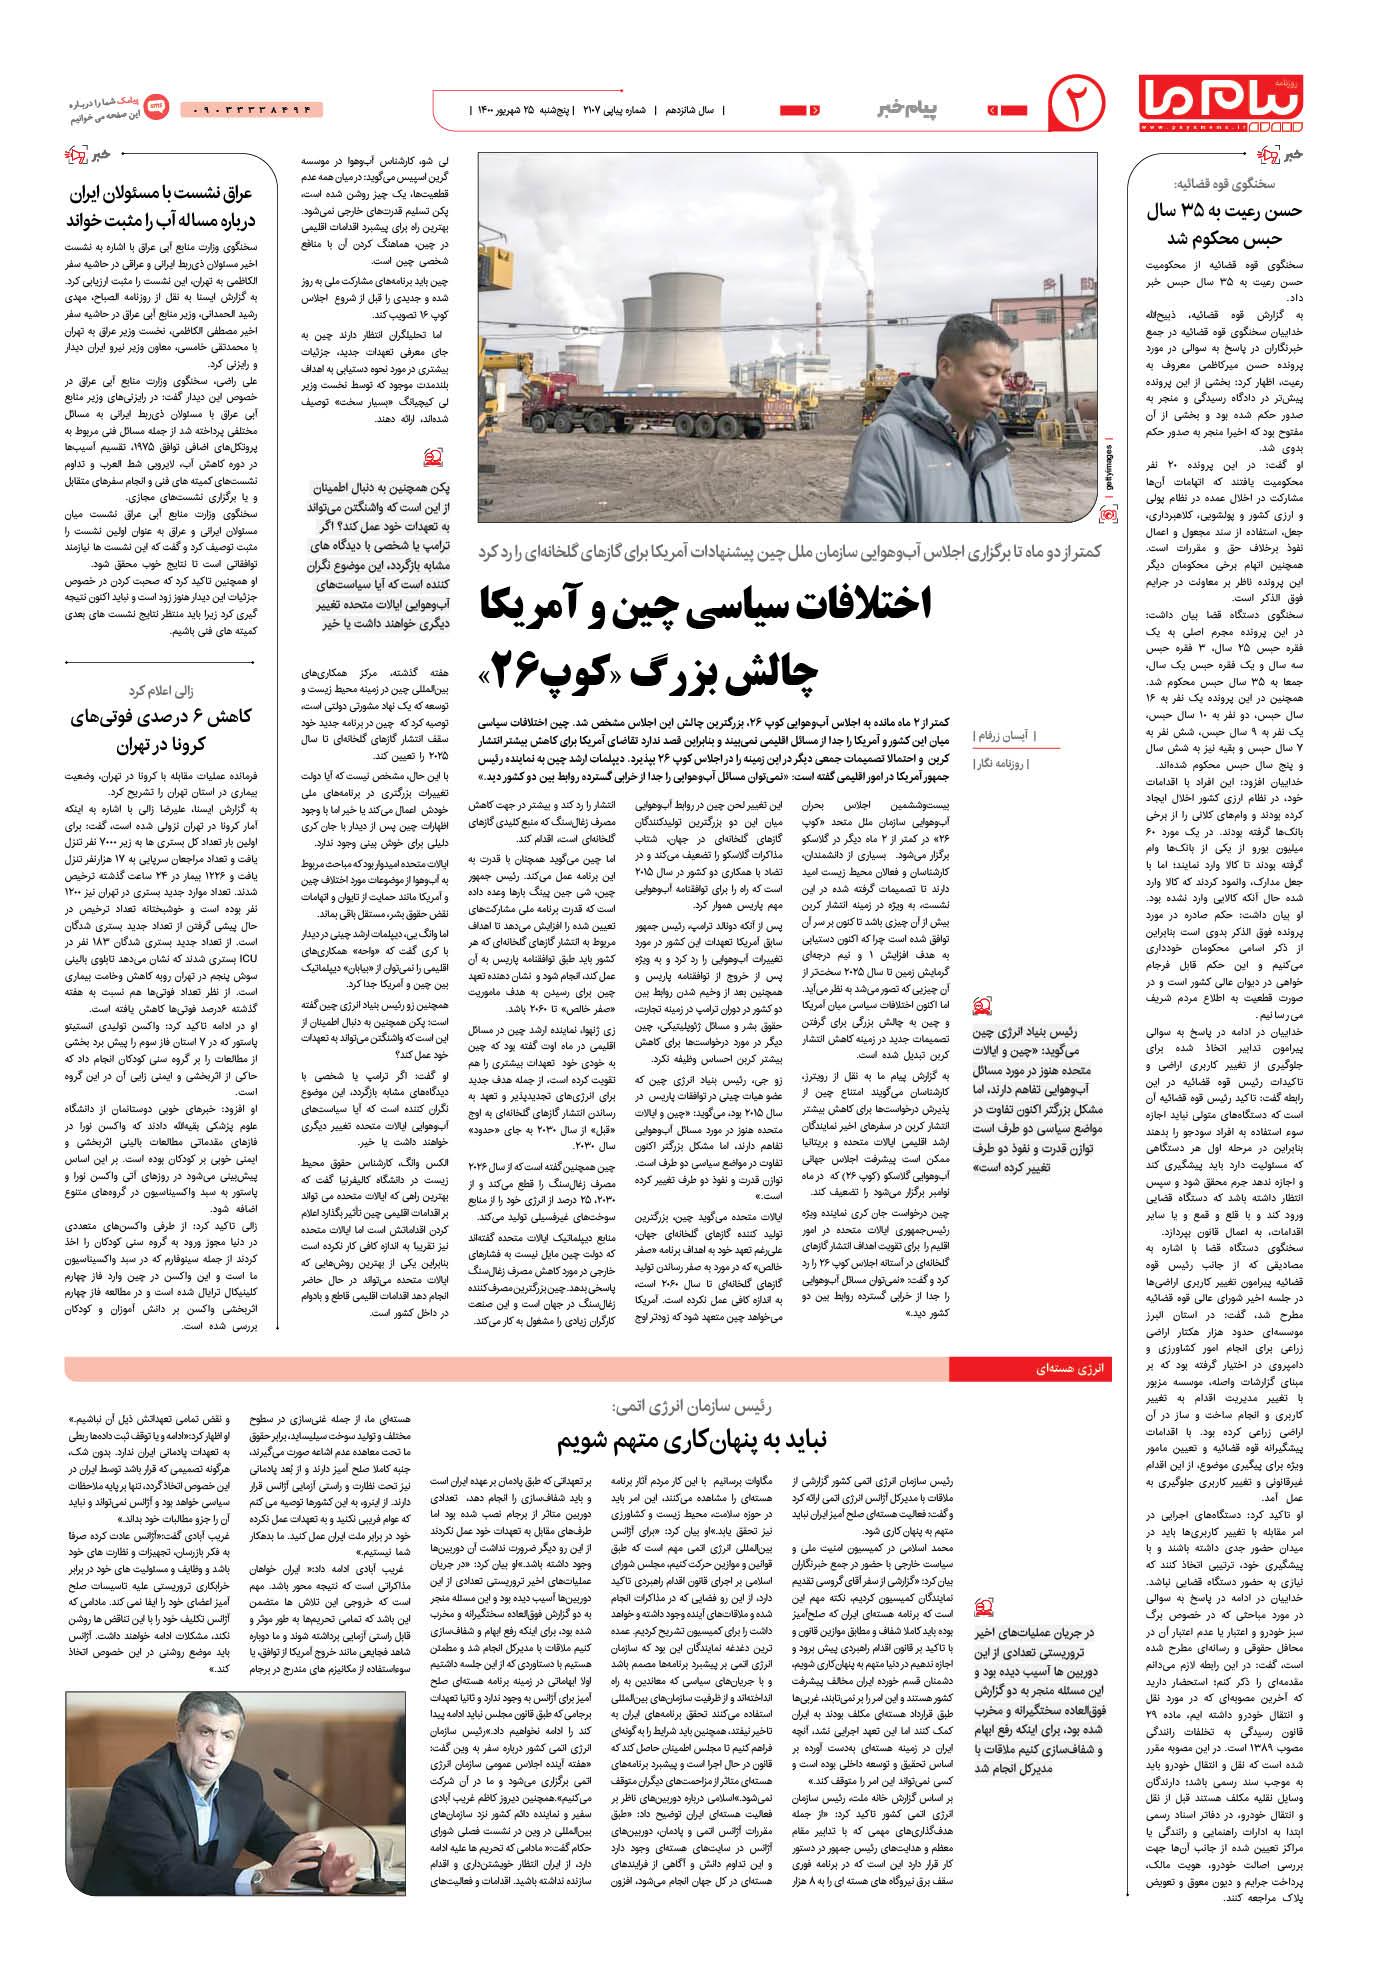 صفحه پیام خبر شماره 2107 روزنامه پیام ما